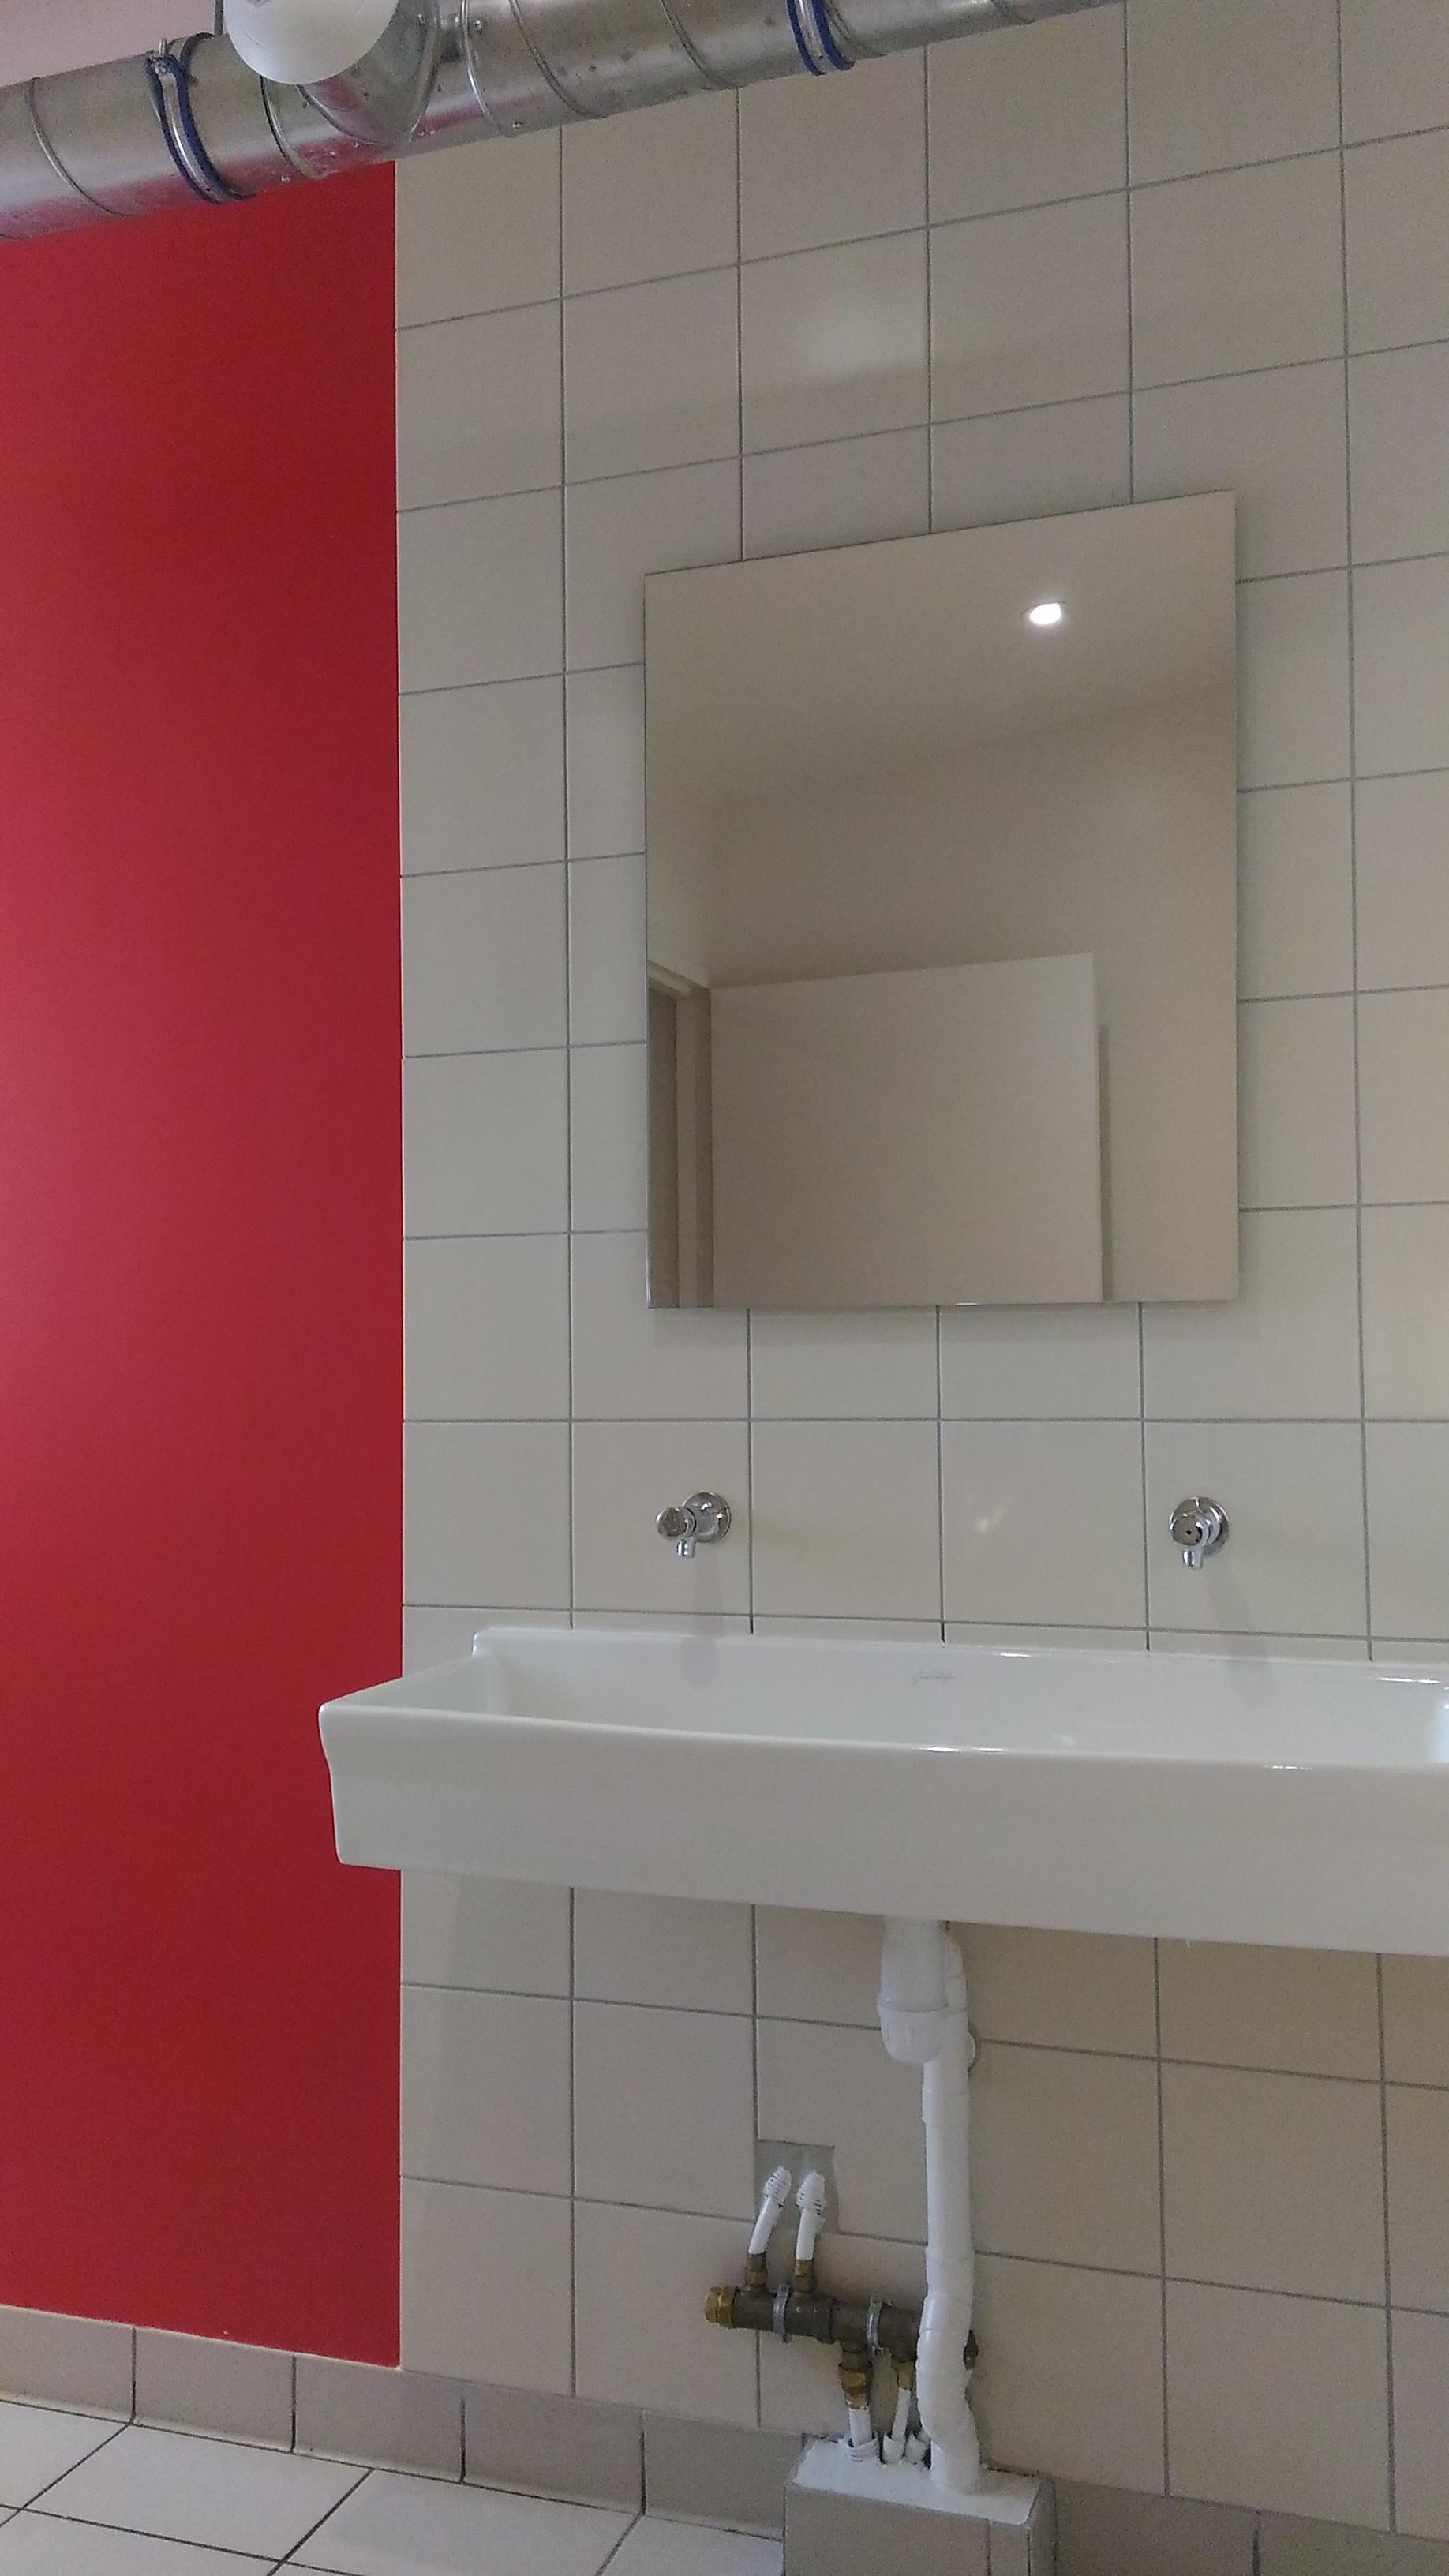 sanitaire vestiaire 1